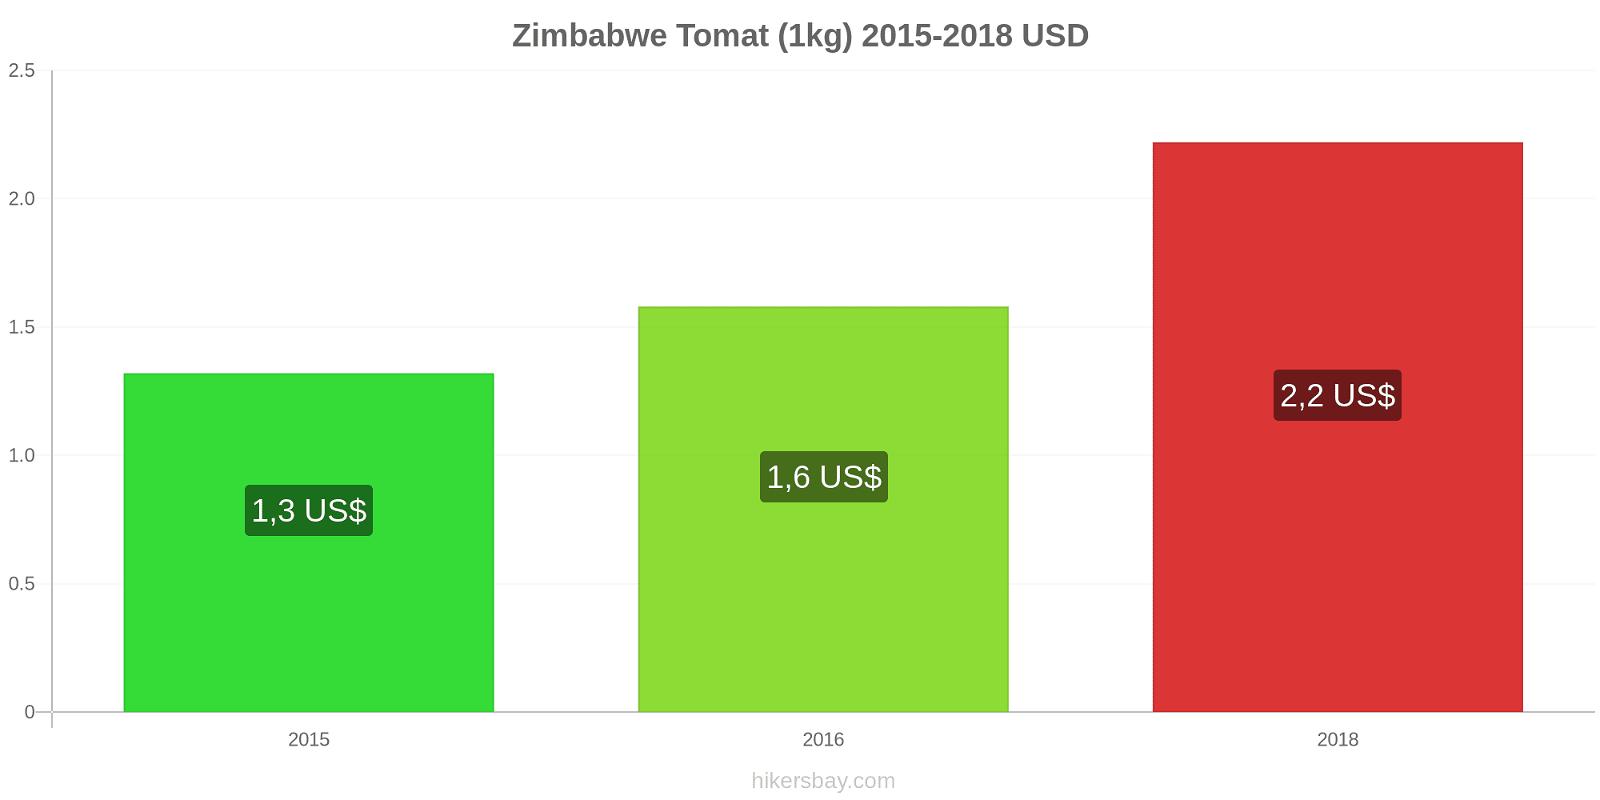 Zimbabwe prisændringer Tomat (1kg) hikersbay.com